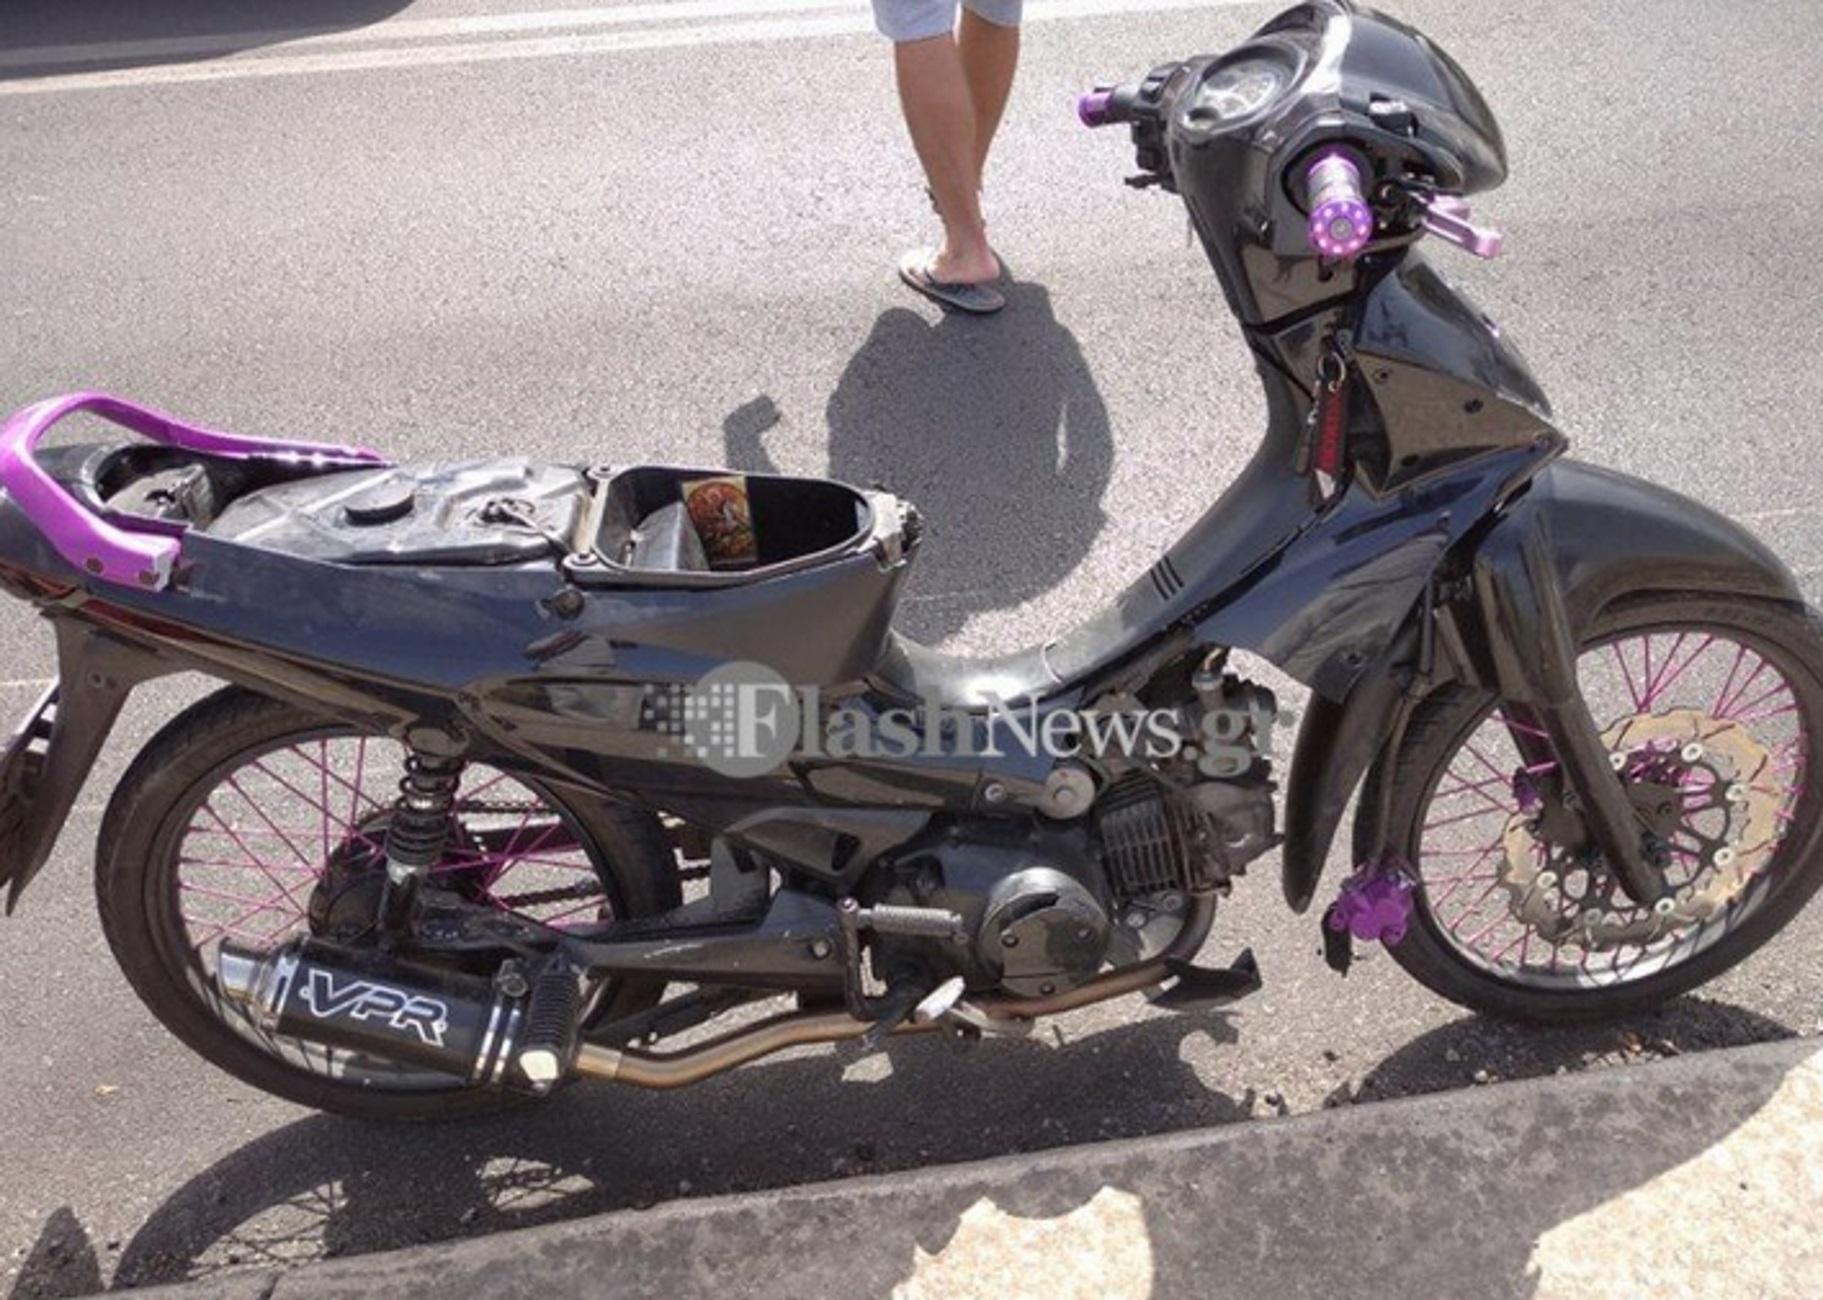 Χανιά: Ντελιβεράς χτύπησε στο κεφάλι σε τροχαίο – Το μηχανάκι του συγκρούστηκε με μοτοσικλέτα